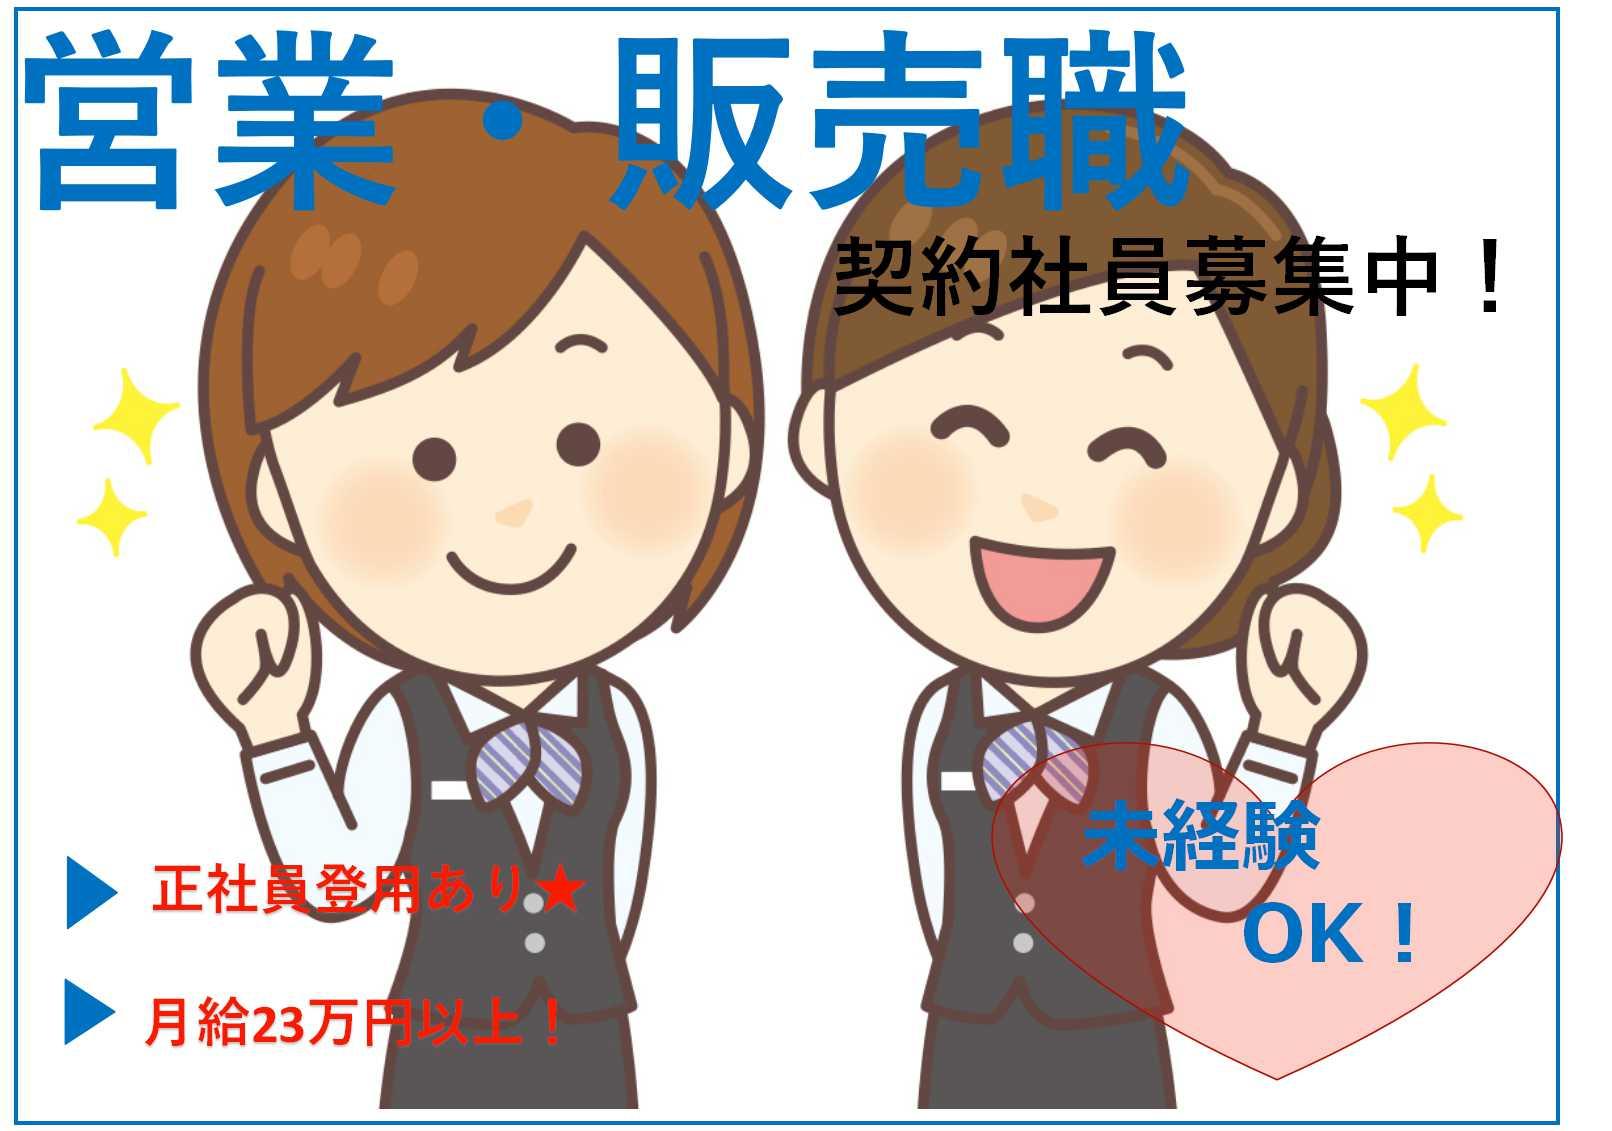 【名古屋市緑区】未経験OK!人材育成に力を入れています★営業・販売【即面談可能】 イメージ